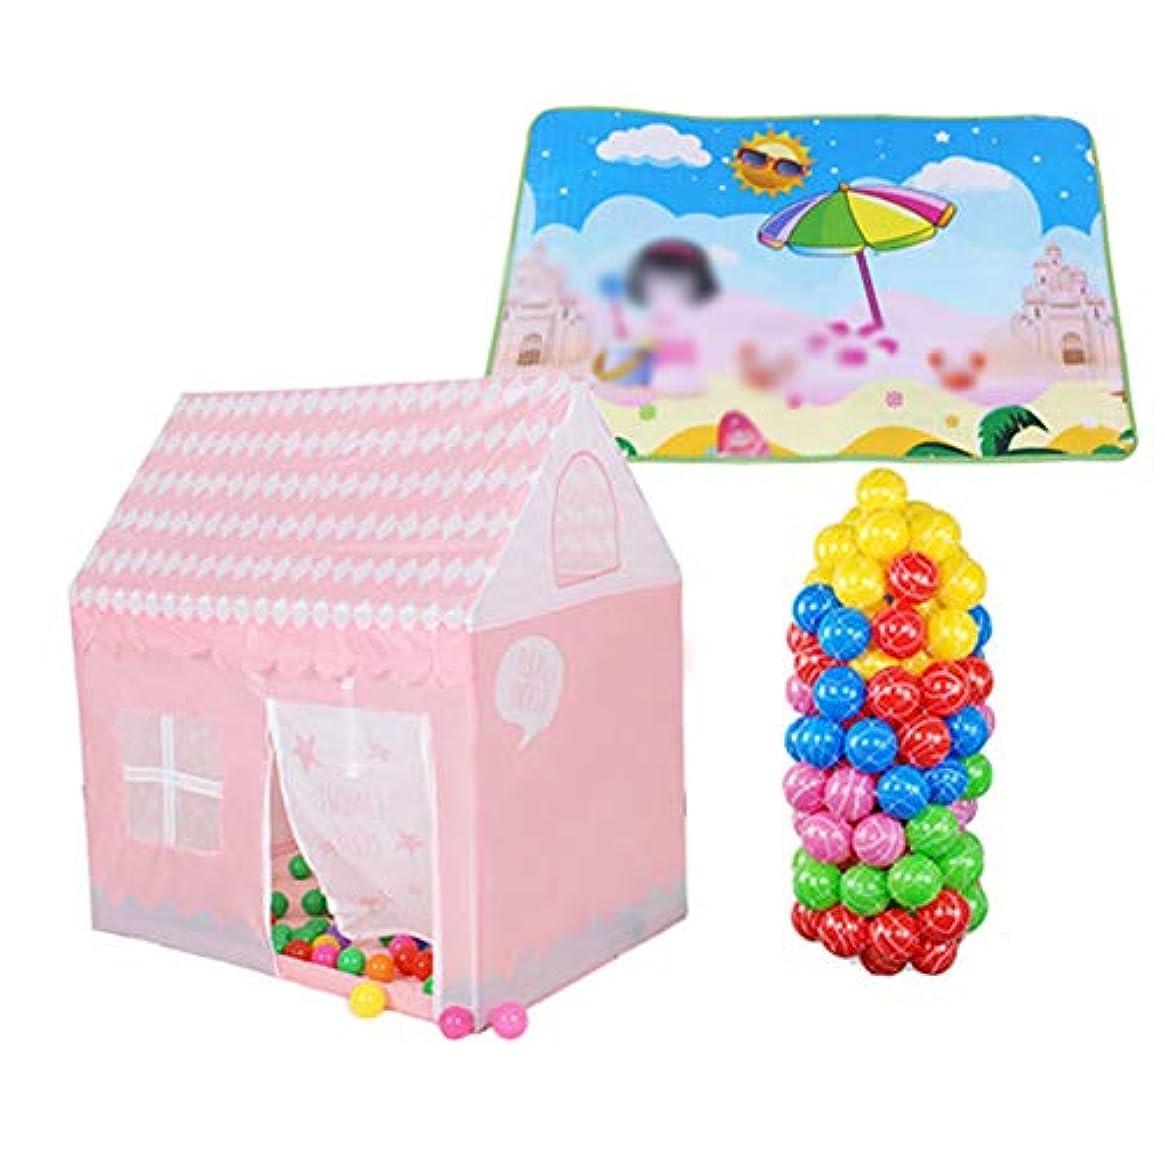 敬礼発動機粗い子供の遊びのテント、子供の遊び場のテント - 屋外と屋内の遊び場のテント - 1-8歳児用